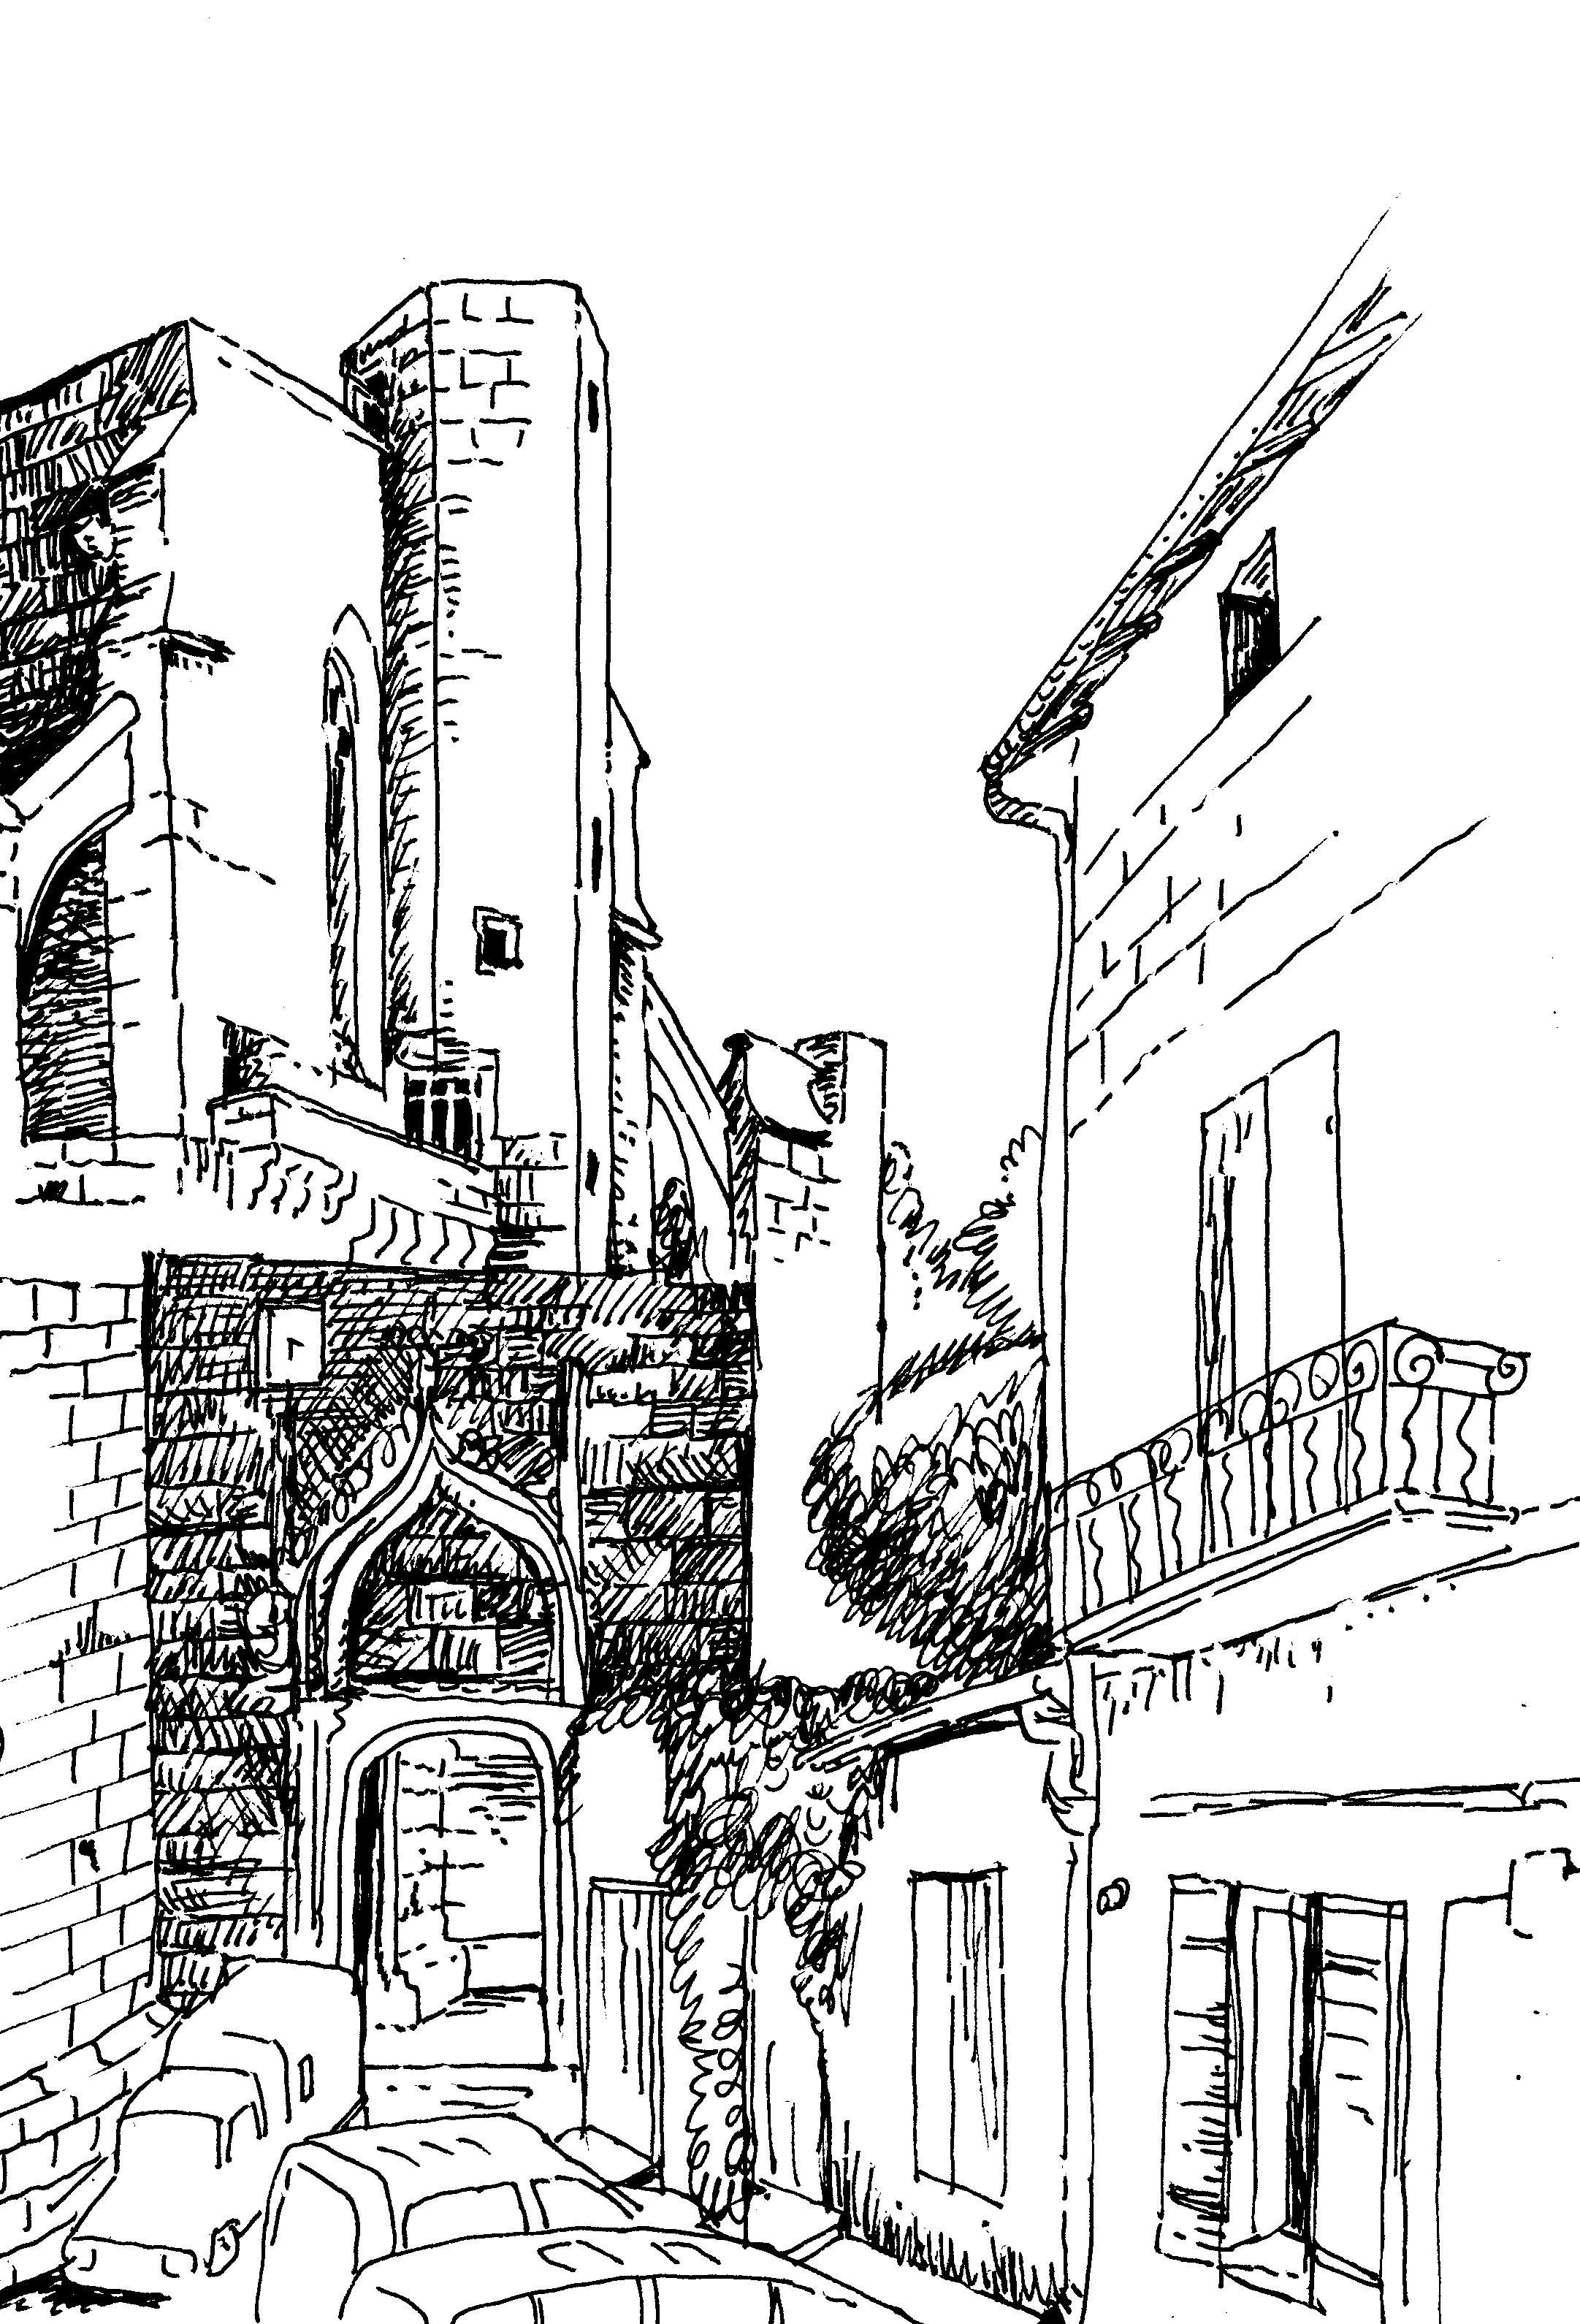 Arles 9.10.09